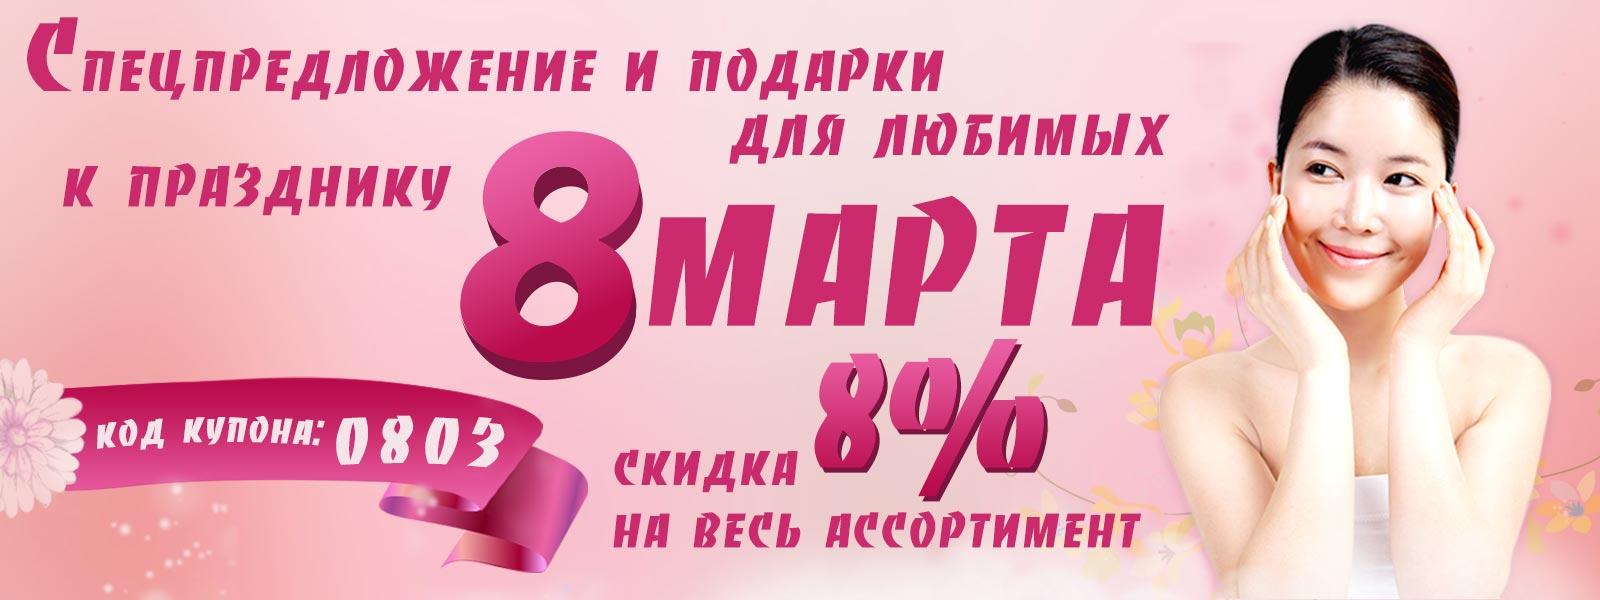 праздничная скидка 8% к женскому празднику 8 марта в интернет магазине Экокупи товаров из Кореи Японии и Тайланда, косметика средства гигиены бытовая химия